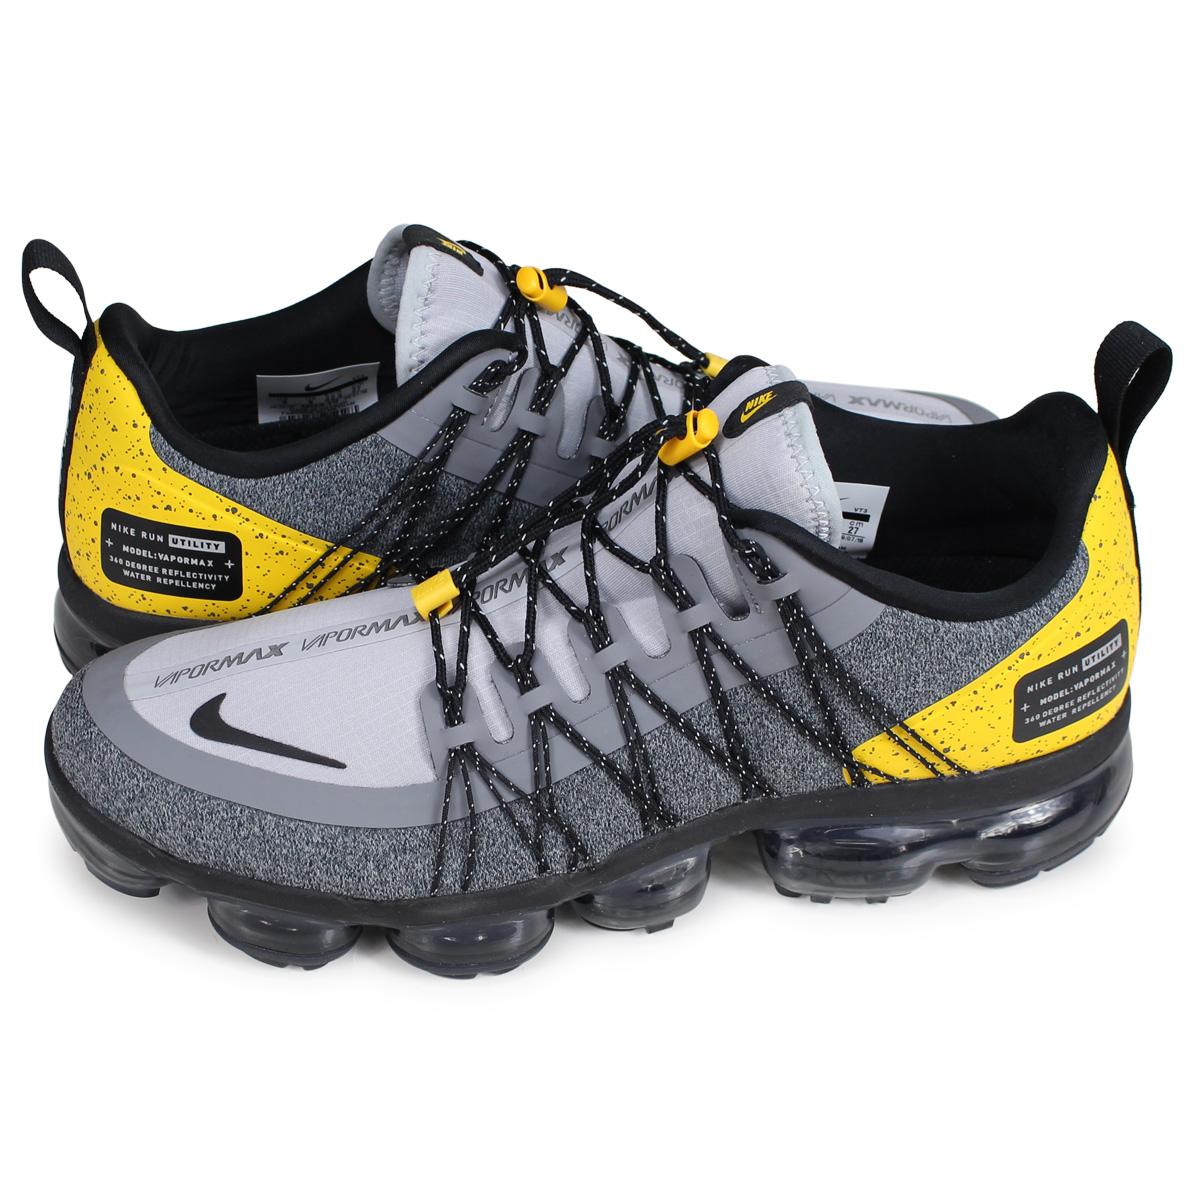 a99fc7ead4 Nike NIKE air vapor max sneakers men AIR VAPORMAX RUN UTILITY gray AQ8810- 010 ...